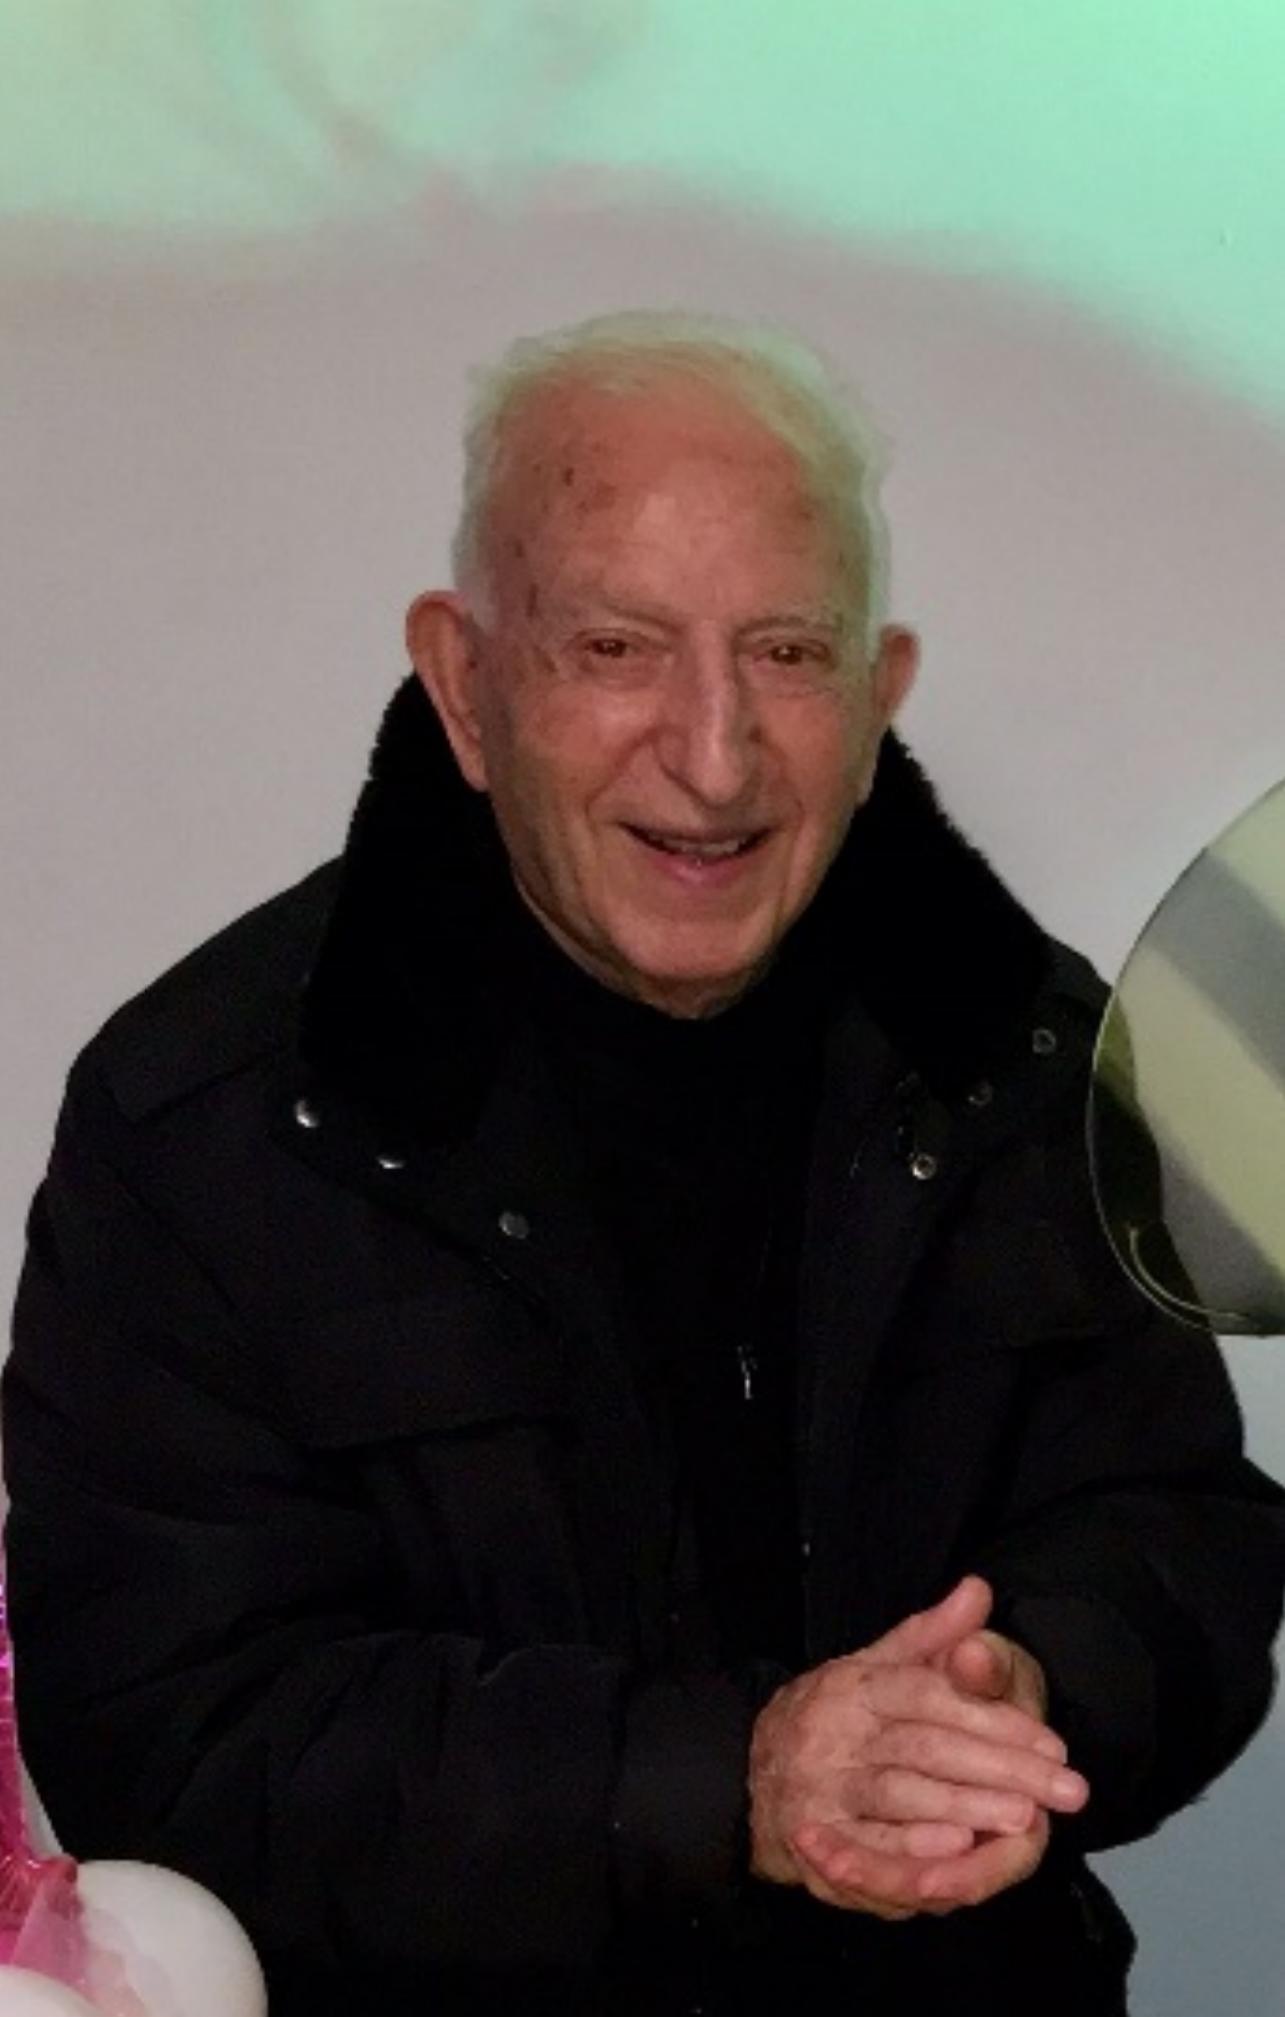 Don Antonio Giaracuni è tornato alla Casa del Padre